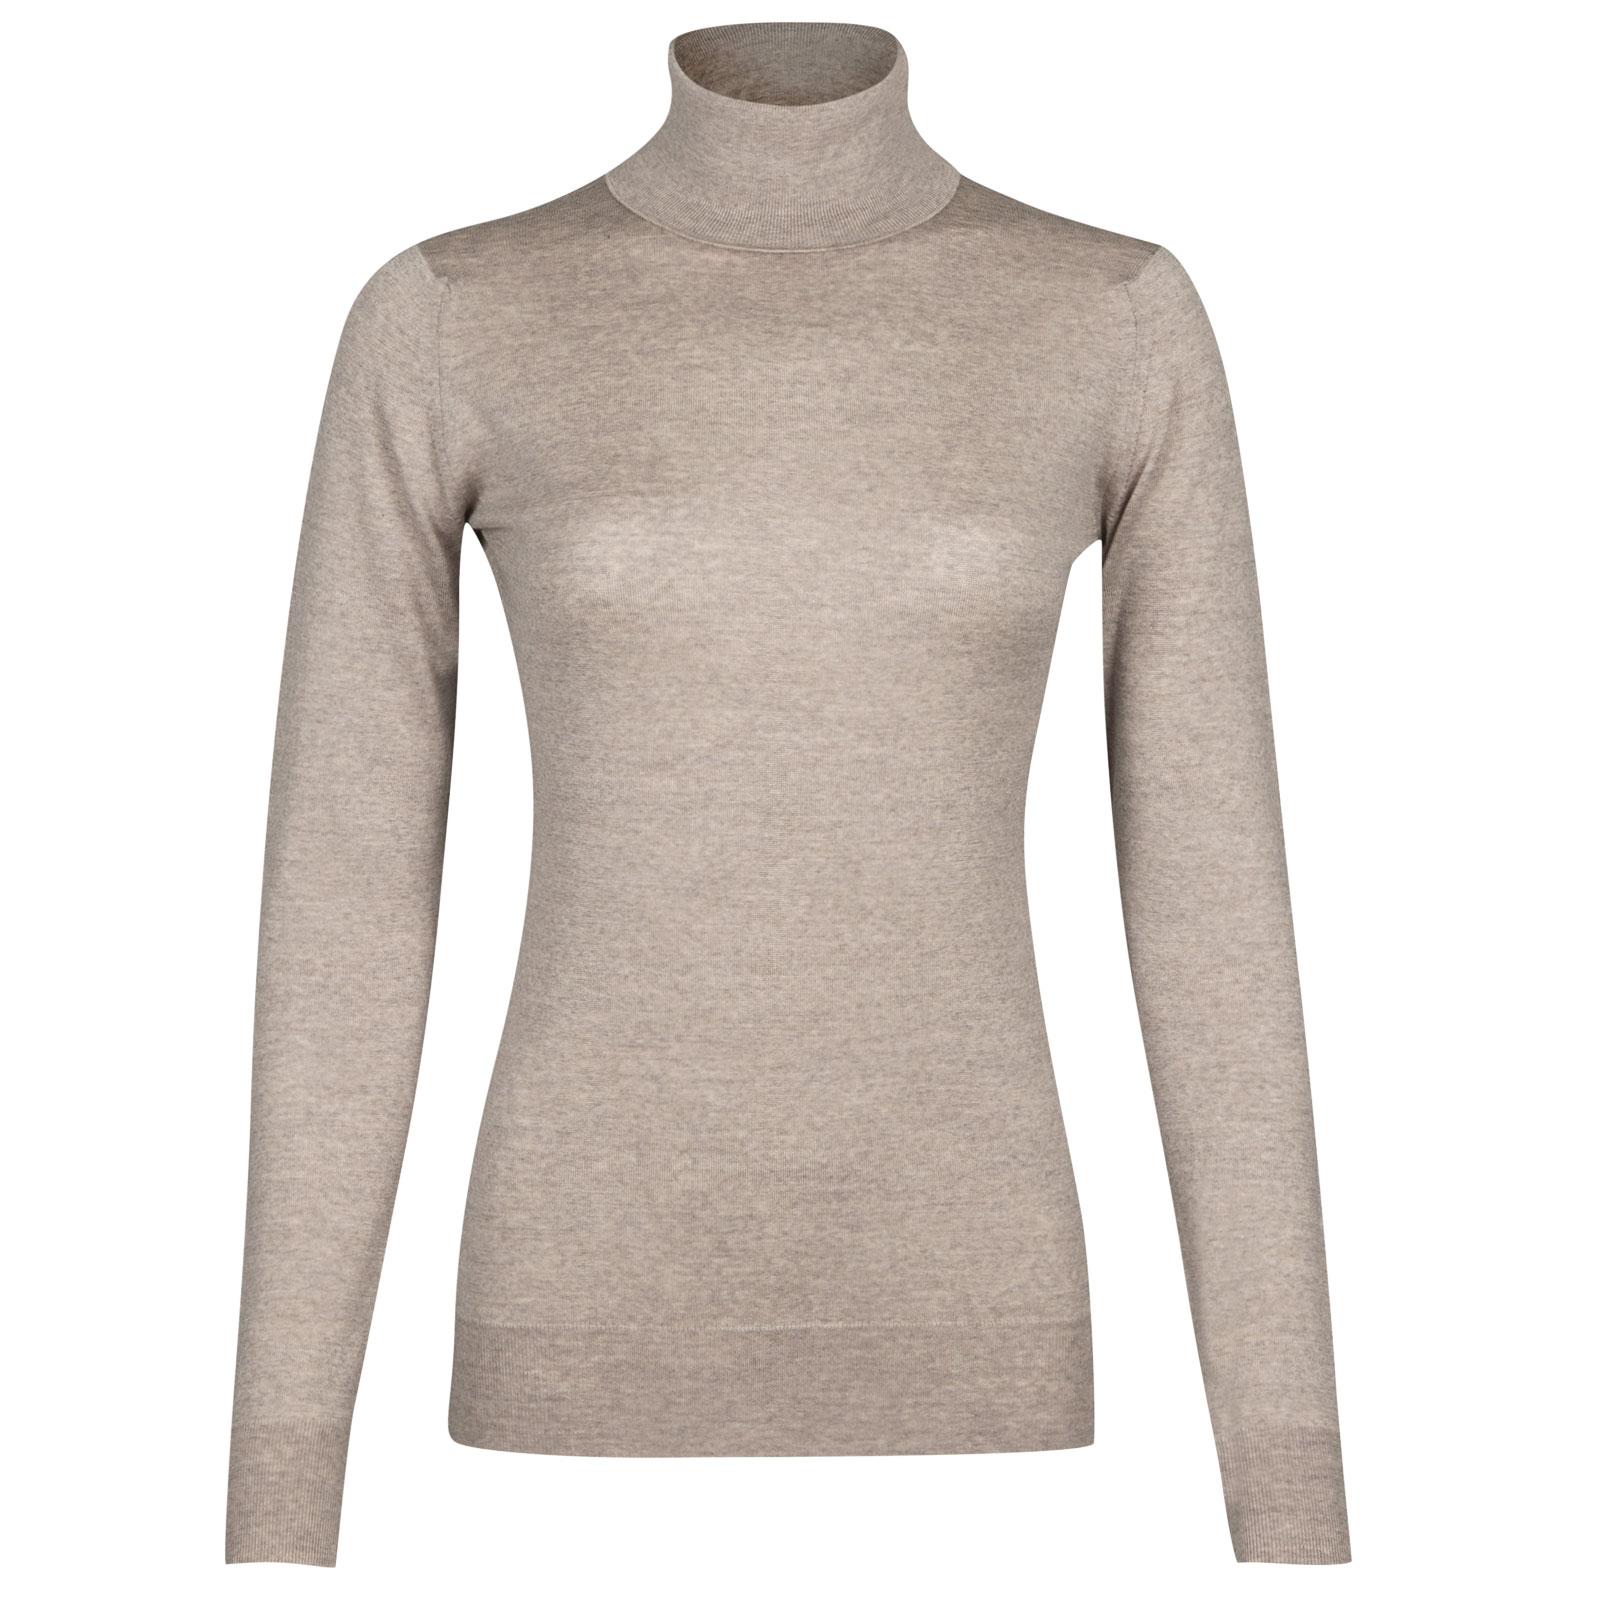 John Smedley Catkin Merino Wool Sweater in Eastwood Beige-L